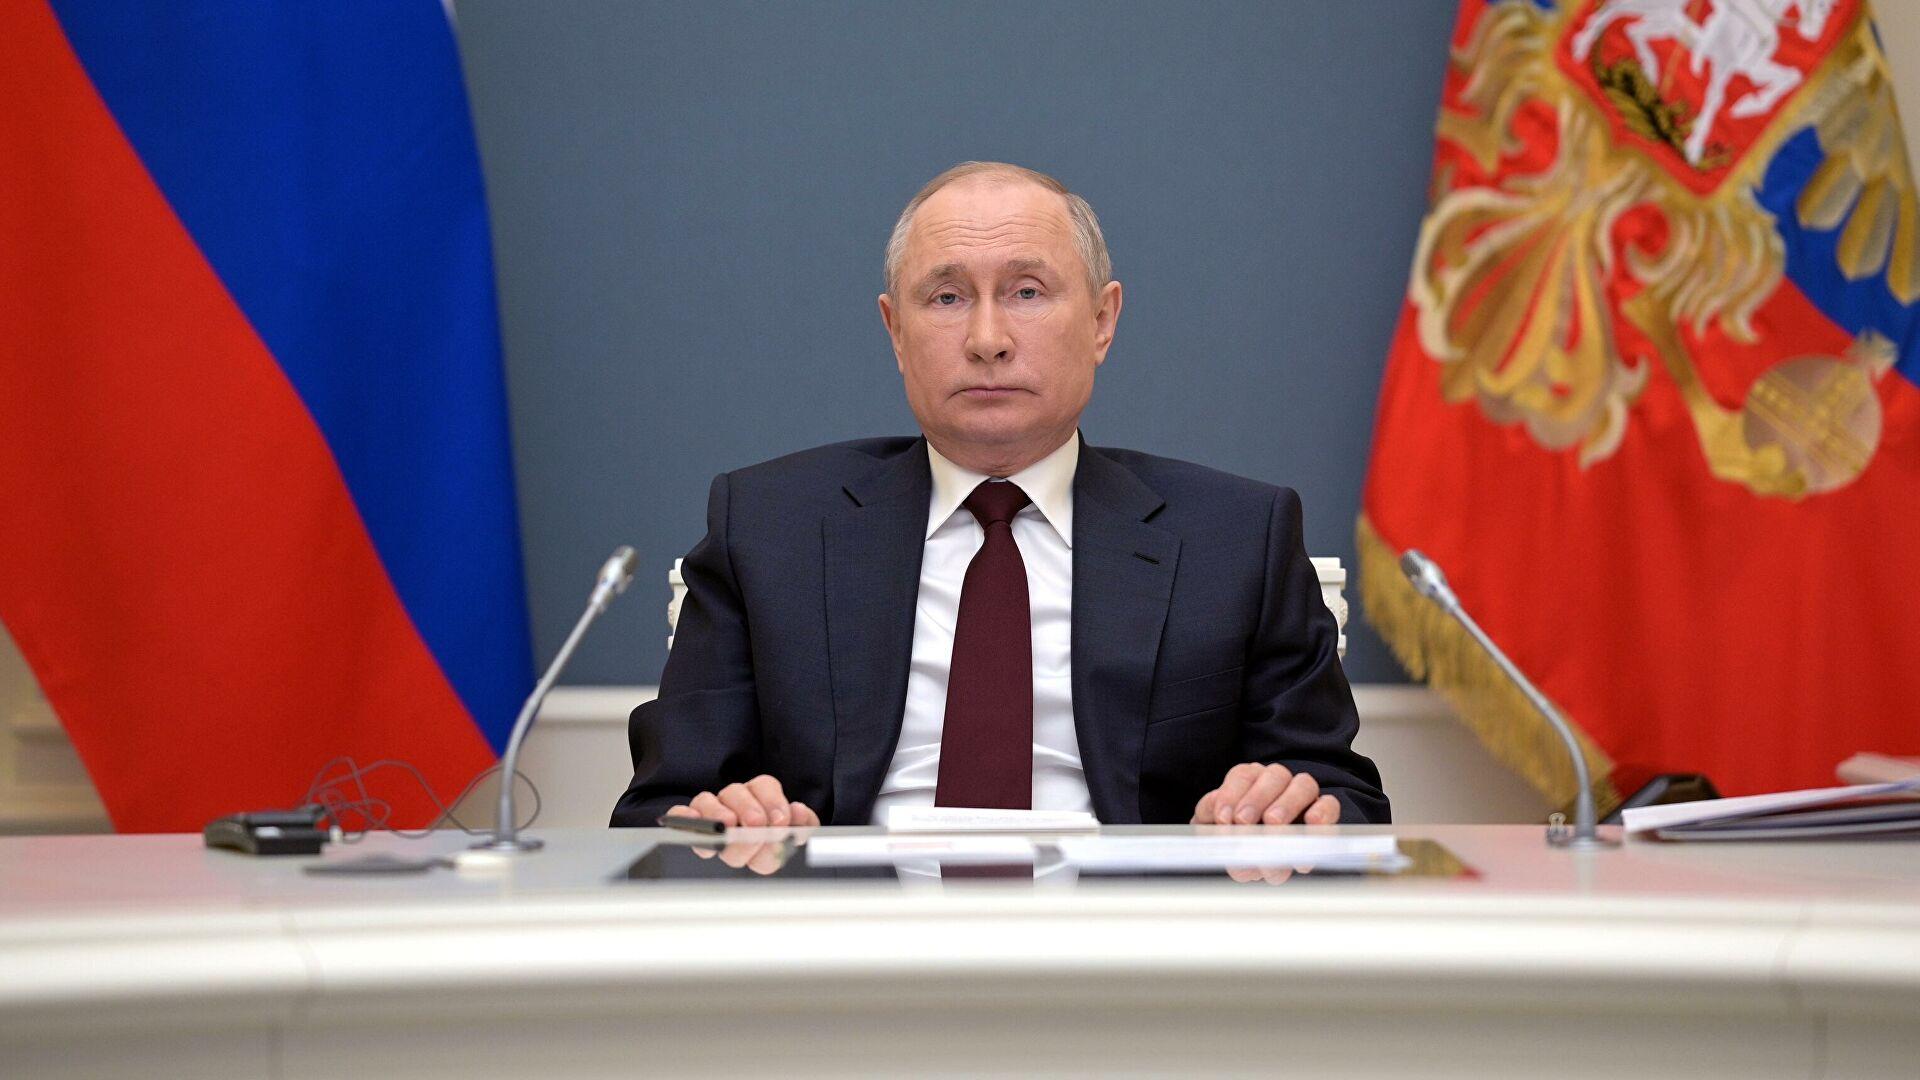 Putin potpisao Ukaz o neprijateljskim postupcima stranih država